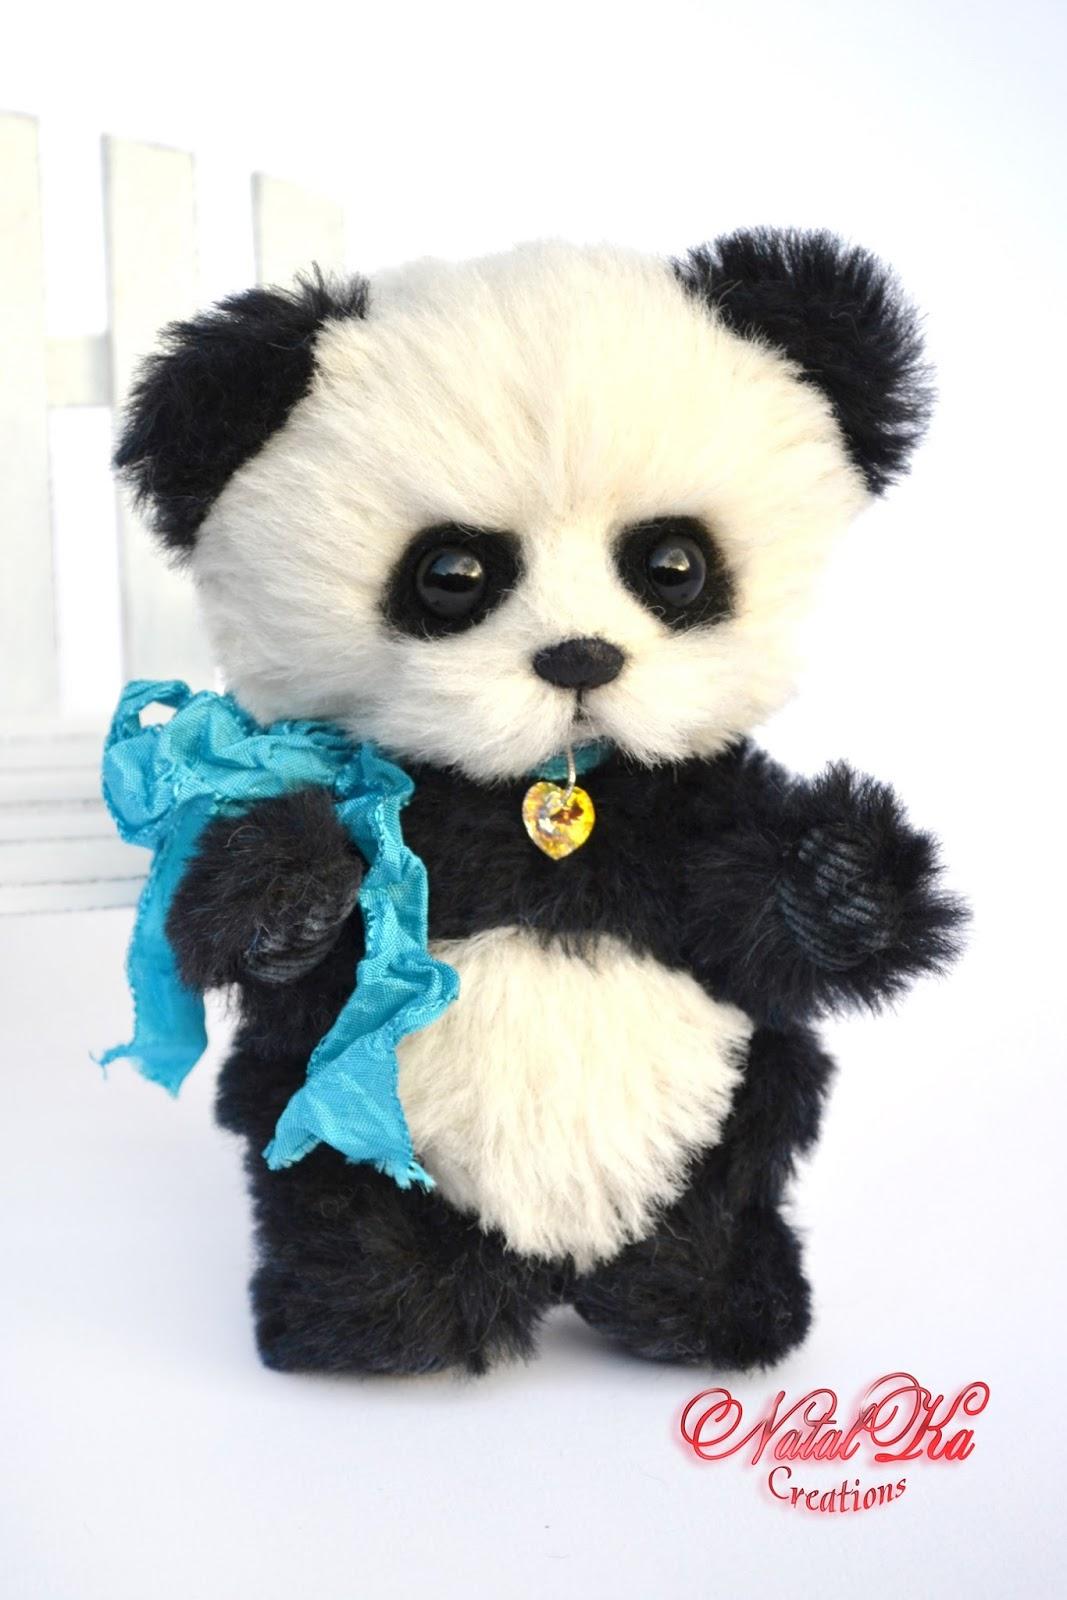 Artist teddy bear, artist bear, teddy bear, ooak, artist bear jointed, handmade by NatalKa Creations. Künstlerbär, Künstlerteddy, Teddybär, Teddy, Unikat, Panda, handgemacht von NatalKa Creations